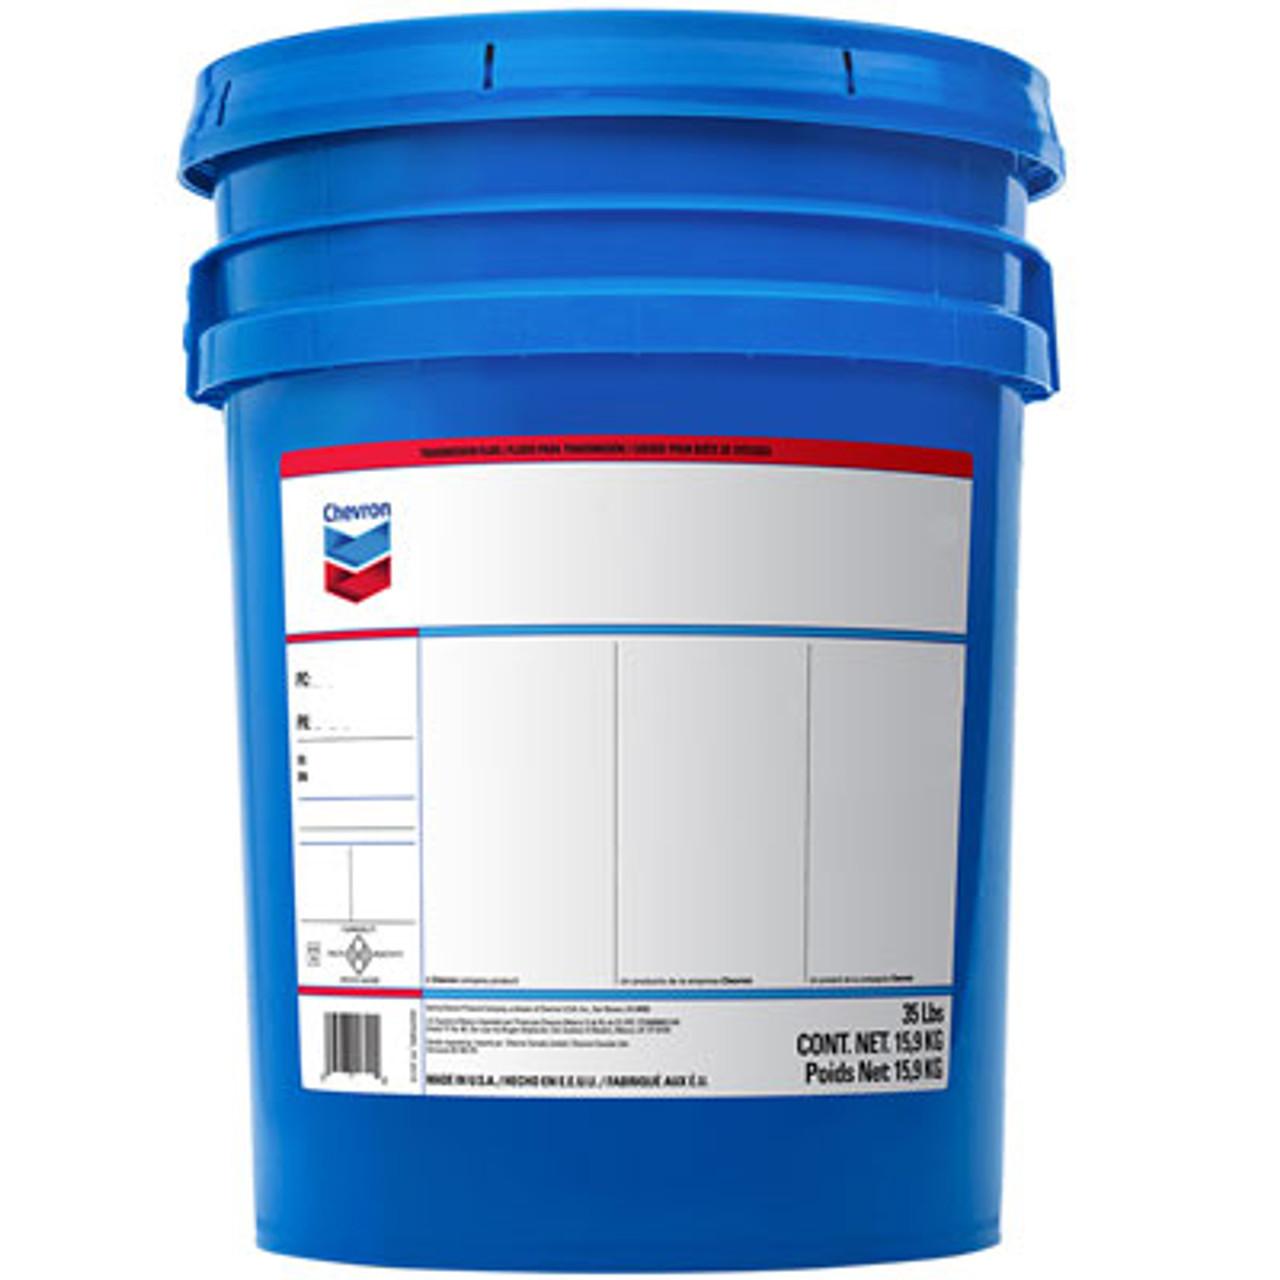 Chevron Meropa® 150 Gear Oil - 35 Pound Pail